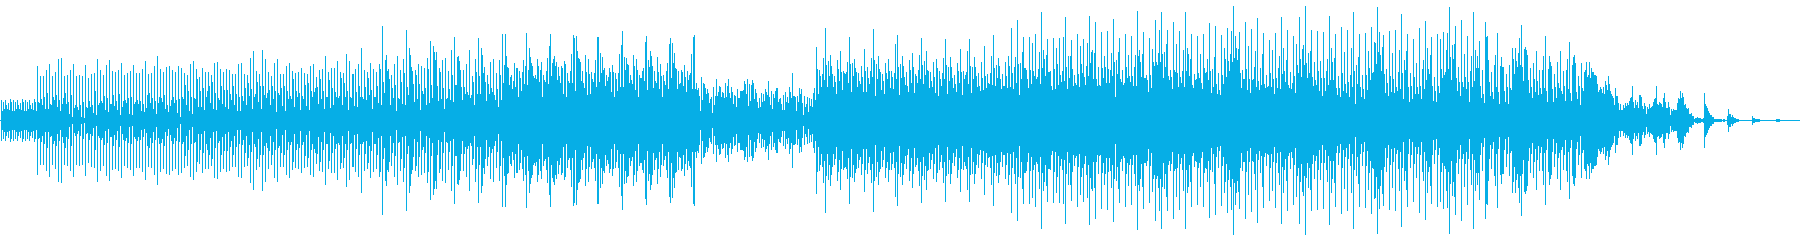 ドライブ向けのミニマルテクノの再生済みの波形